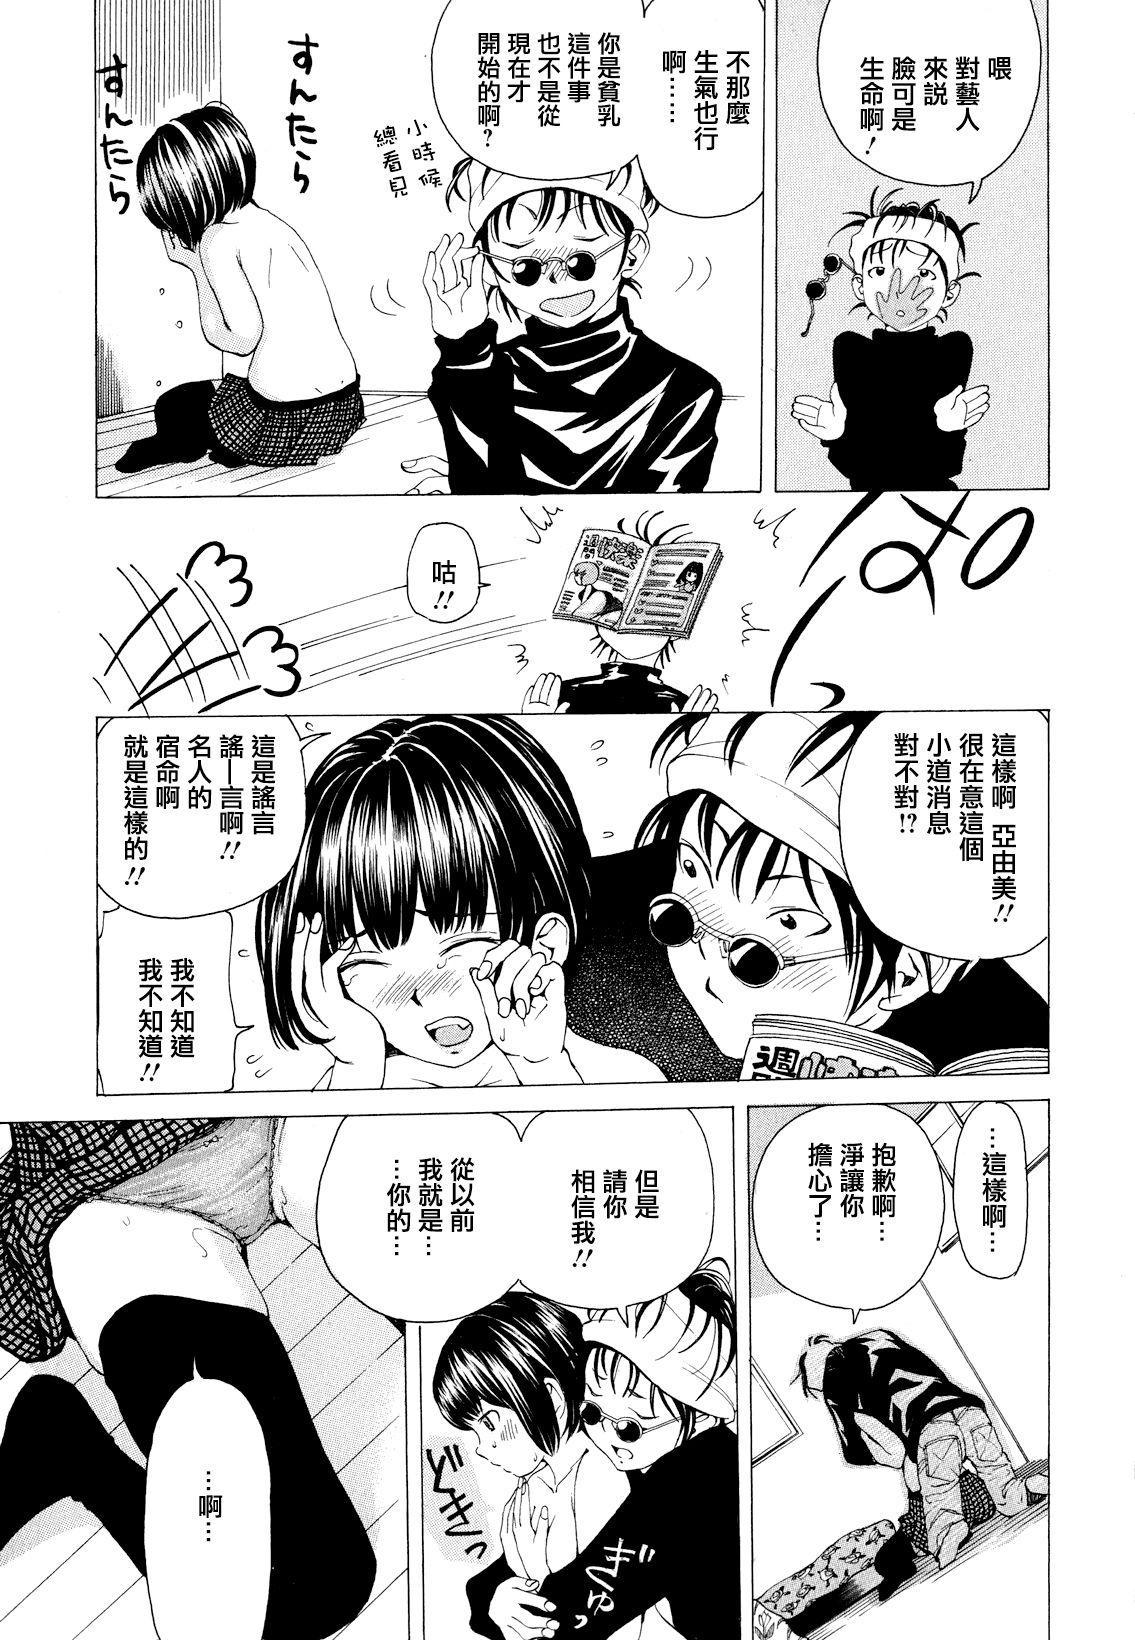 [Nohara Hiromi] Suhada-teki Bishoujo 1 -Watashi no Himitsu... Mitai? Hen- [Chinese] [紫色老太婆个人汉化] 93